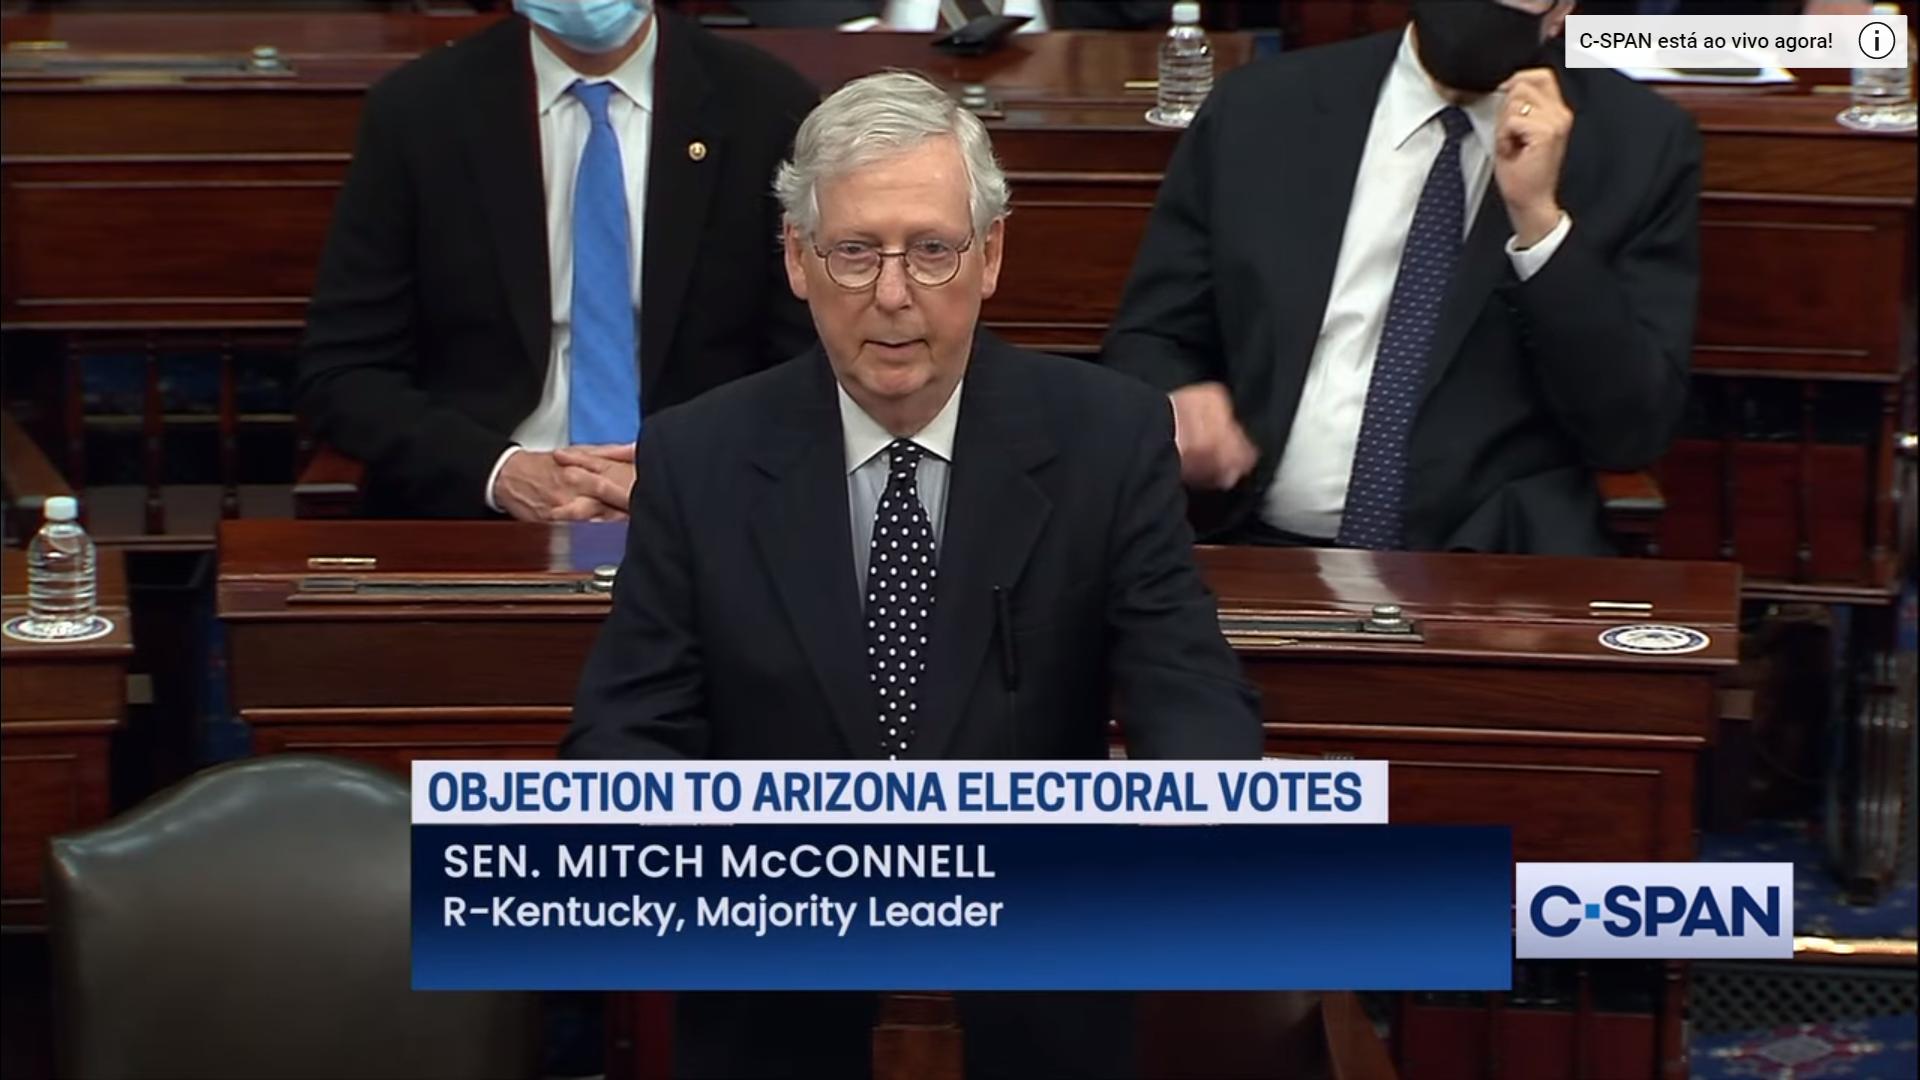 IMAGEM: Líder republicano no Senado diz que contestação do resultado daria em 'espiral da morte'